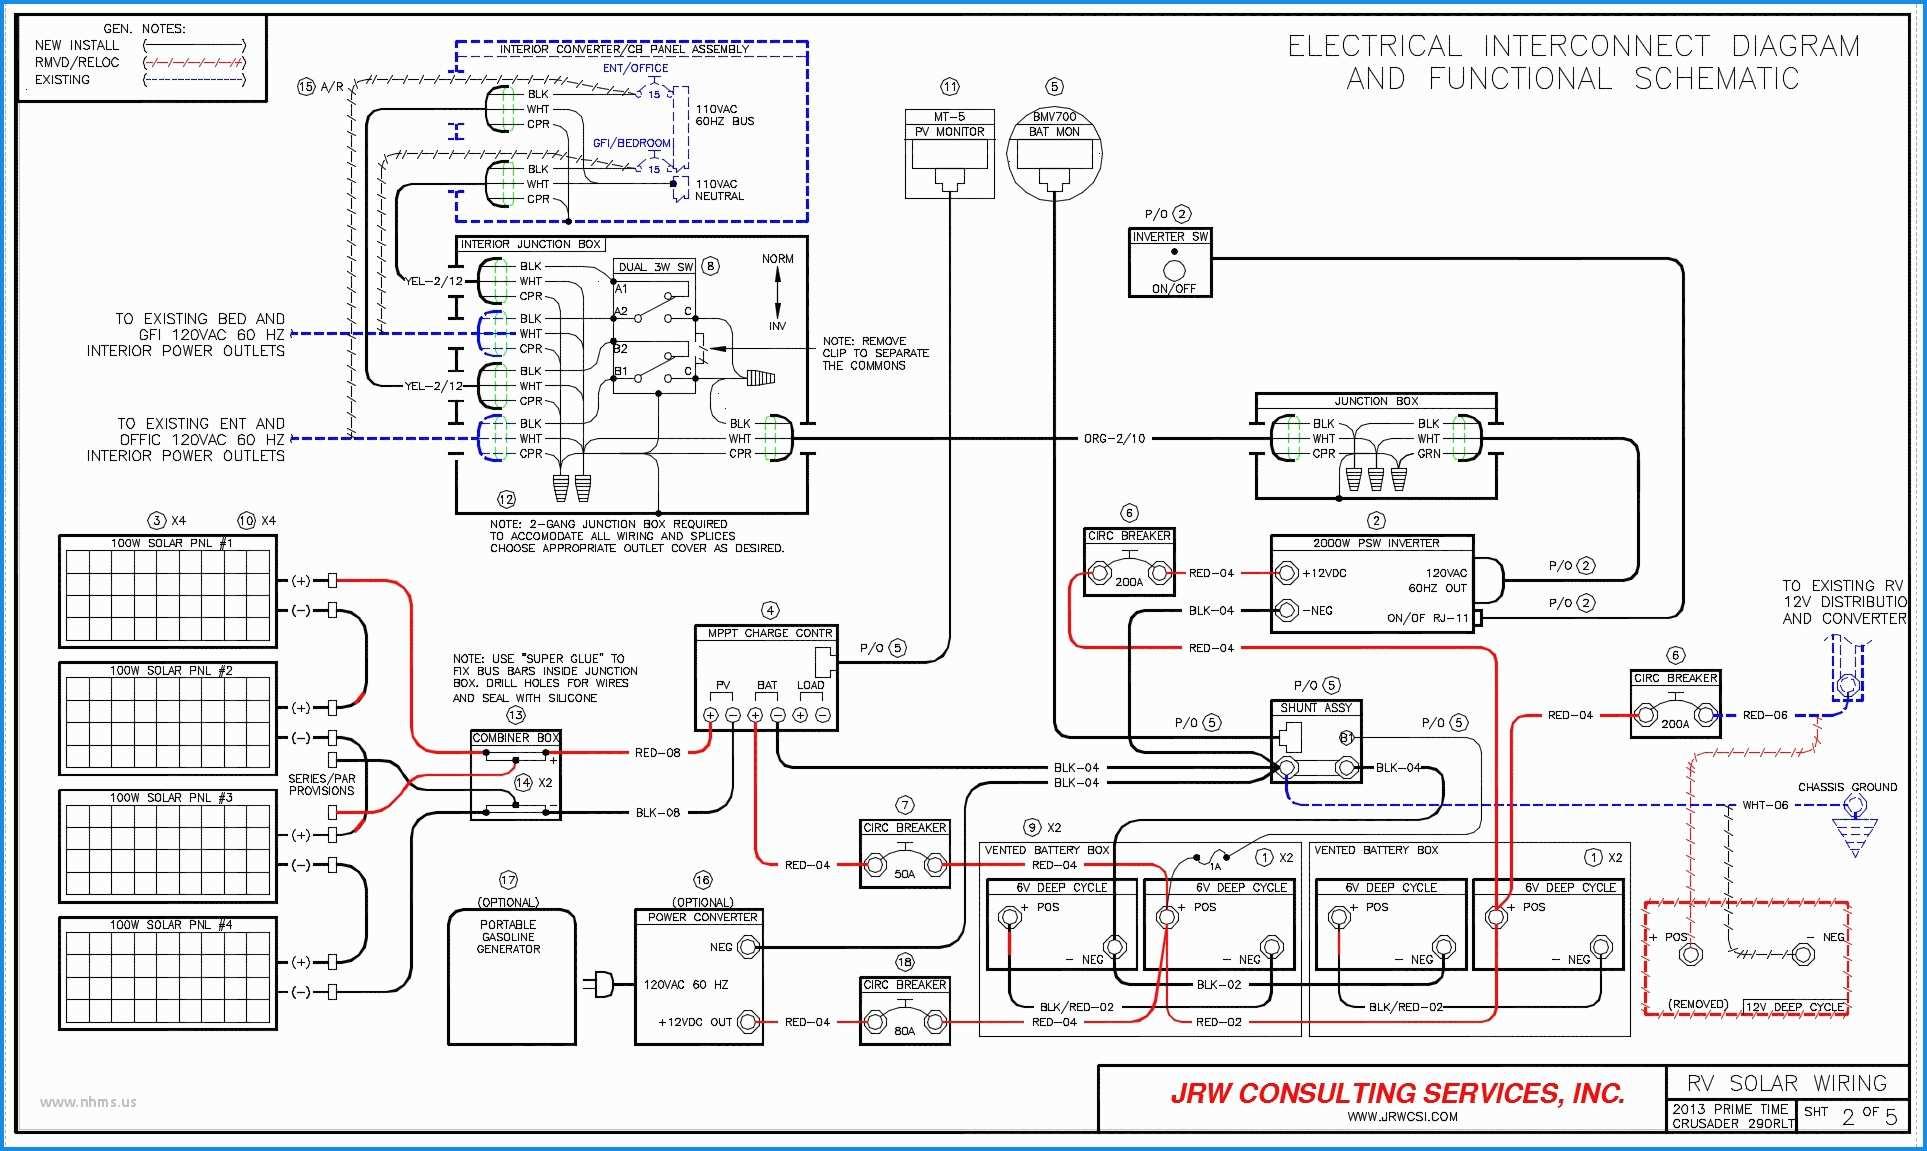 Dodge Satellite Wiring Diagram | Wiring Diagram - Rv Cable And Satellite Wiring Diagram